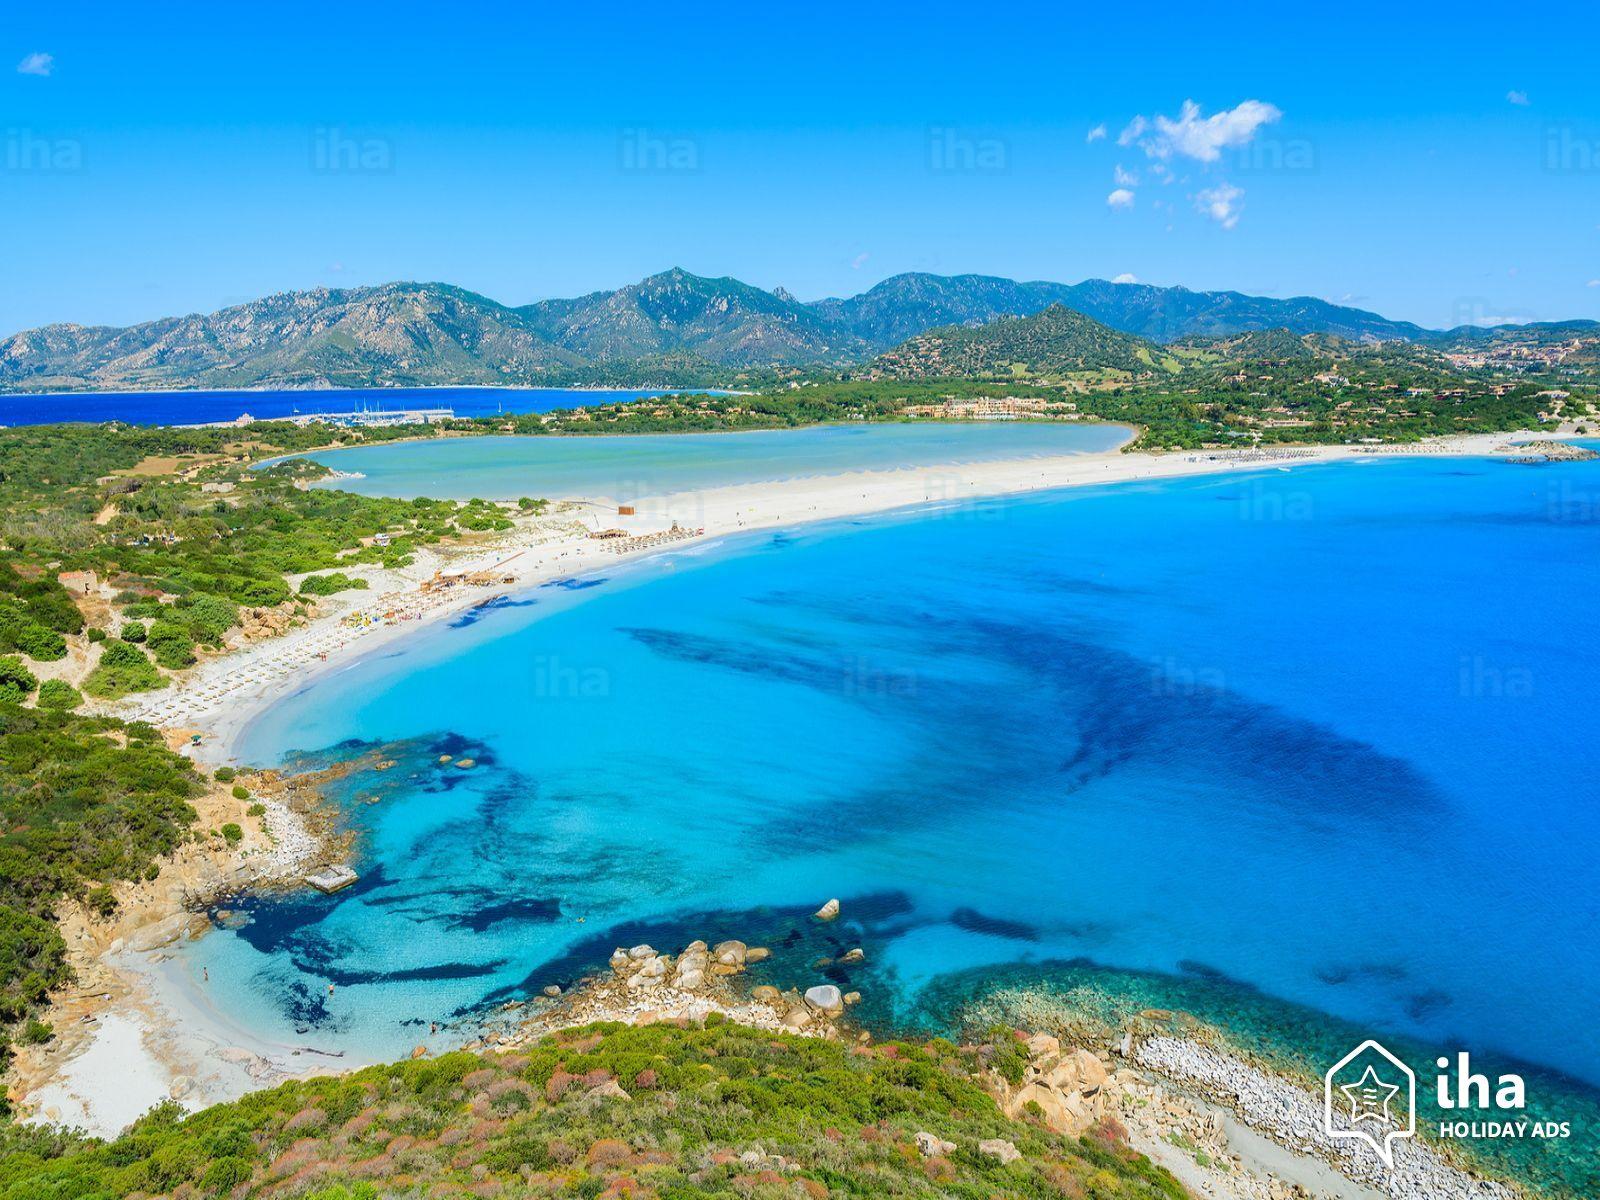 L'estensione del Piano paesaggistico regionale della Sardegna agli ambiti interni: una proposta metodologica